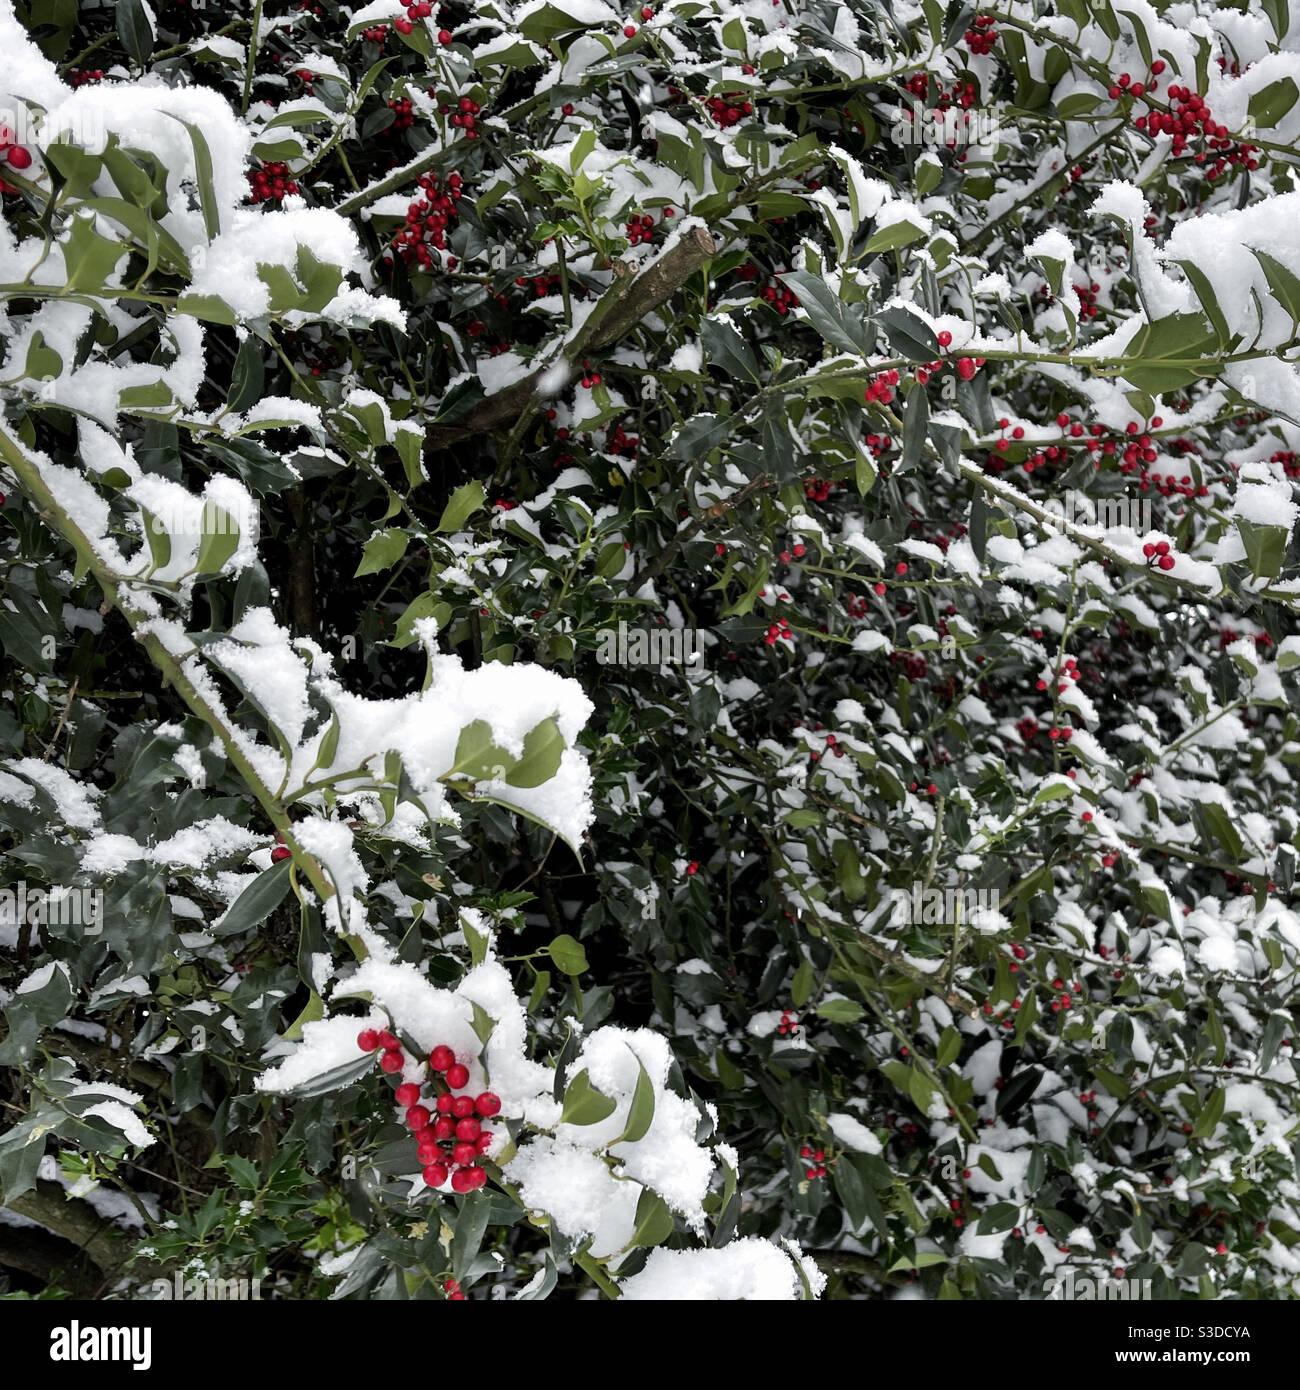 Holly Tree avec baies rouges sous la neige Banque D'Images